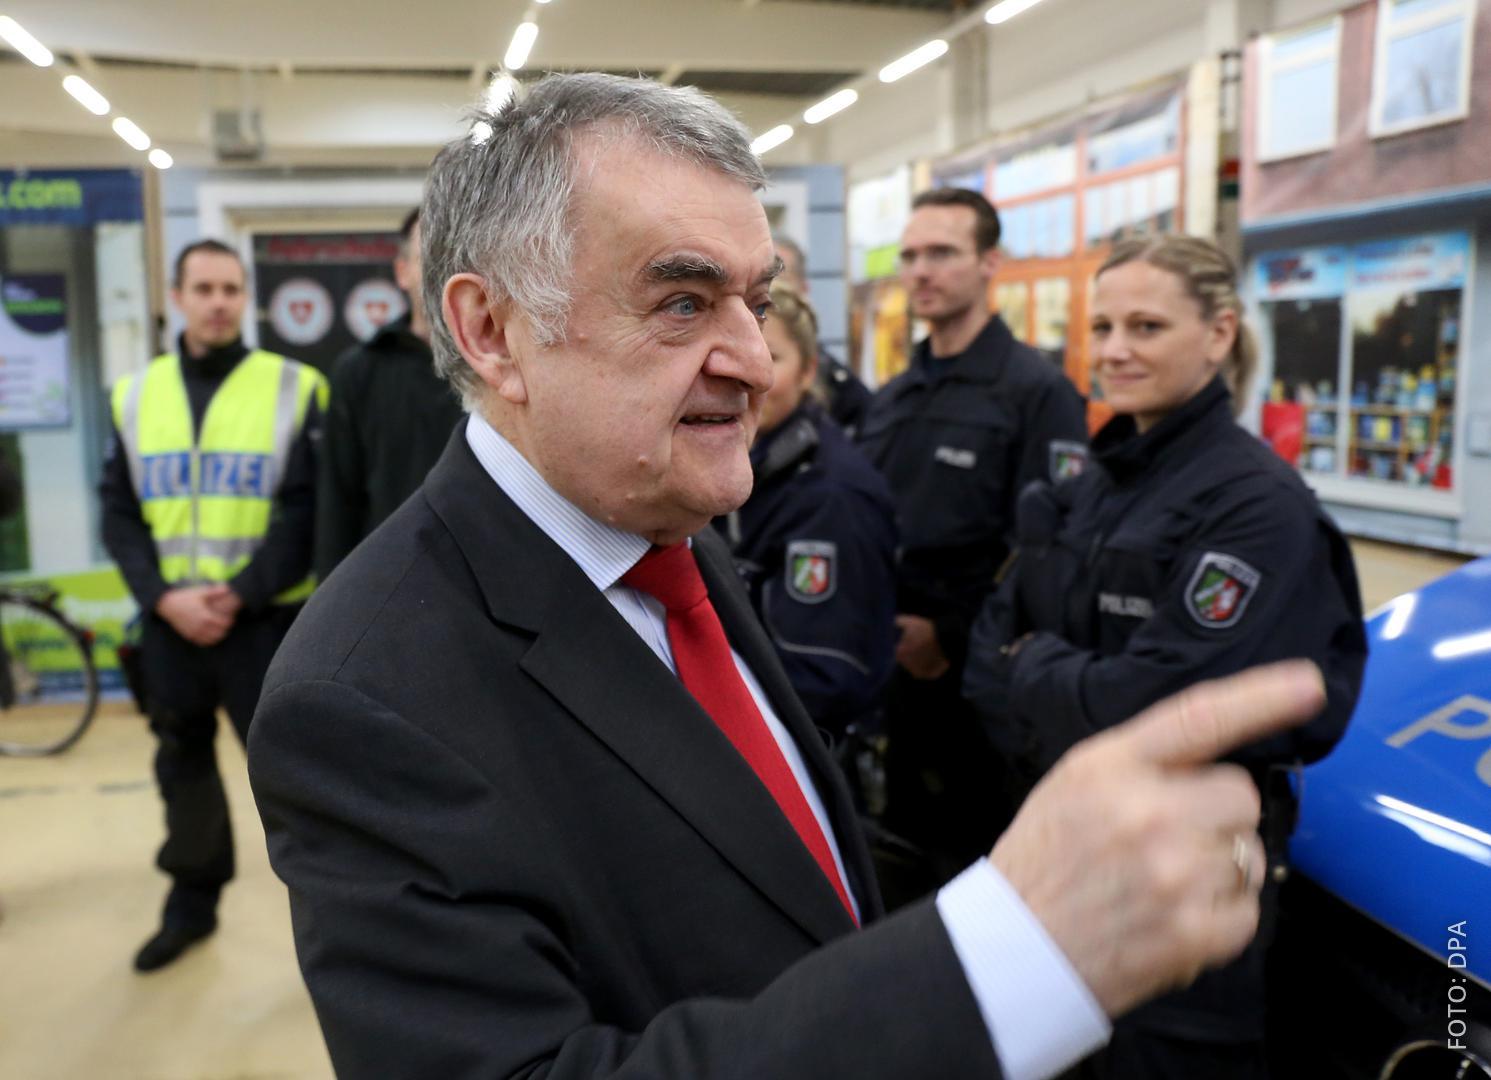 NRW-Innenminister Herbert Reul mit Polizisten im Hintergrund.